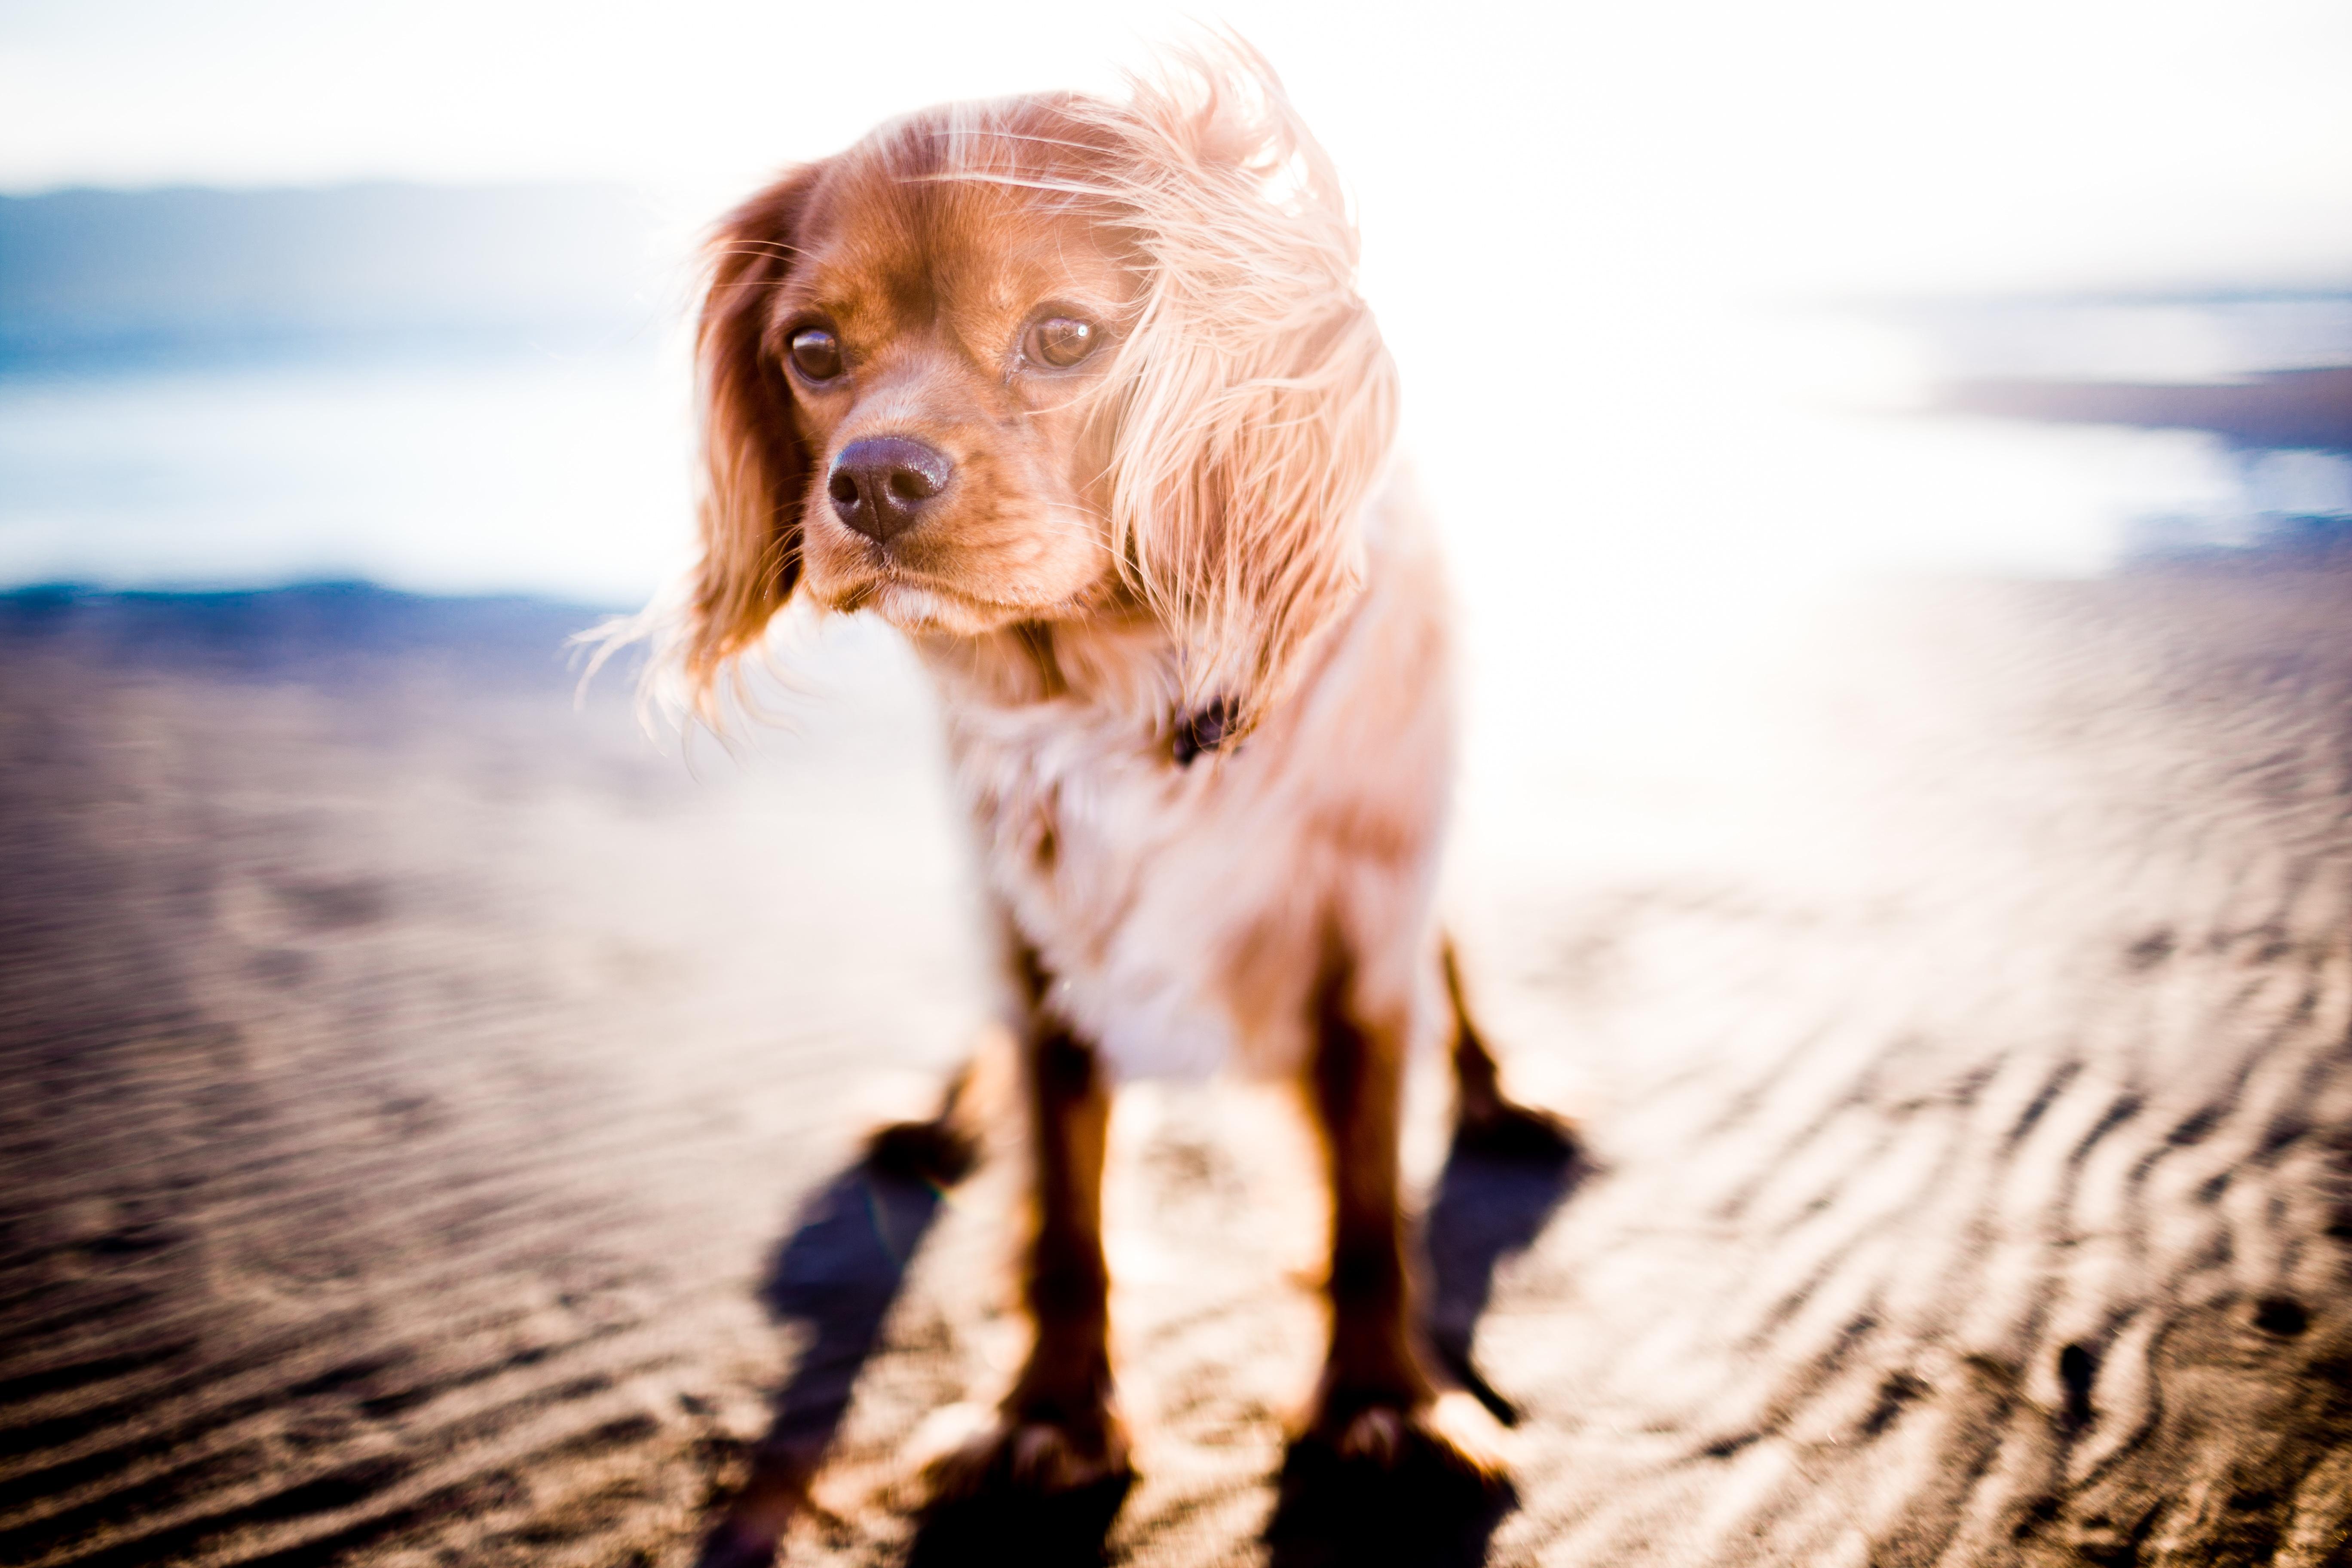 Comment photographier votre chien en mouvement?